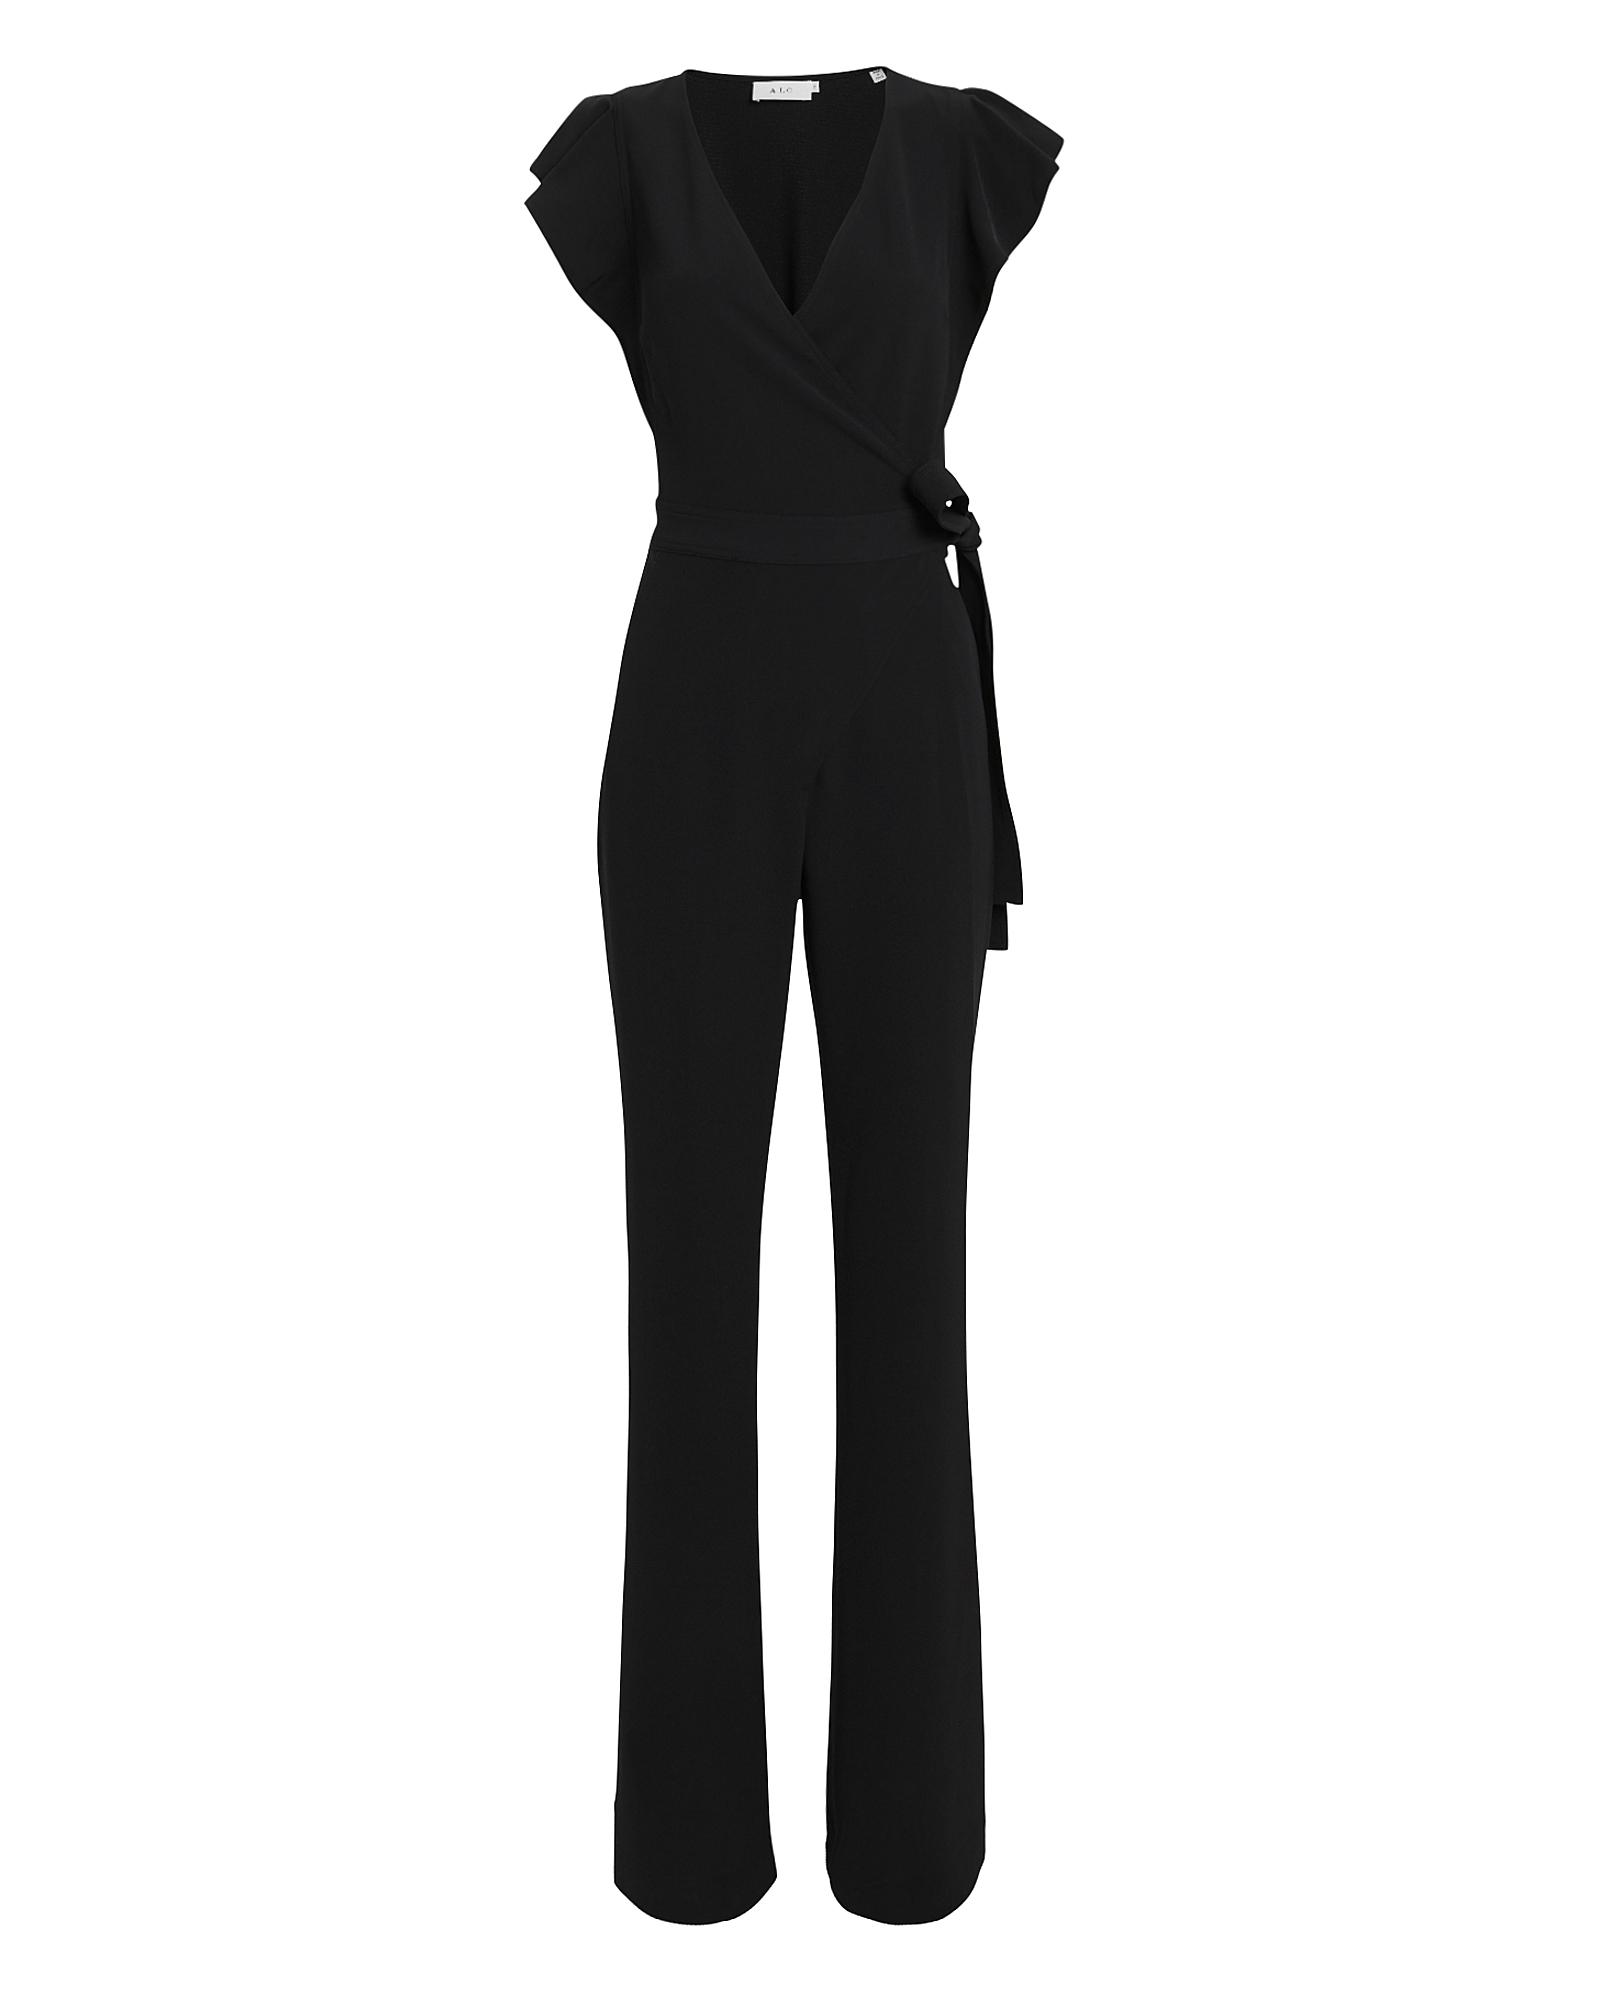 A.l.c Suits Wilder Jumpsuit